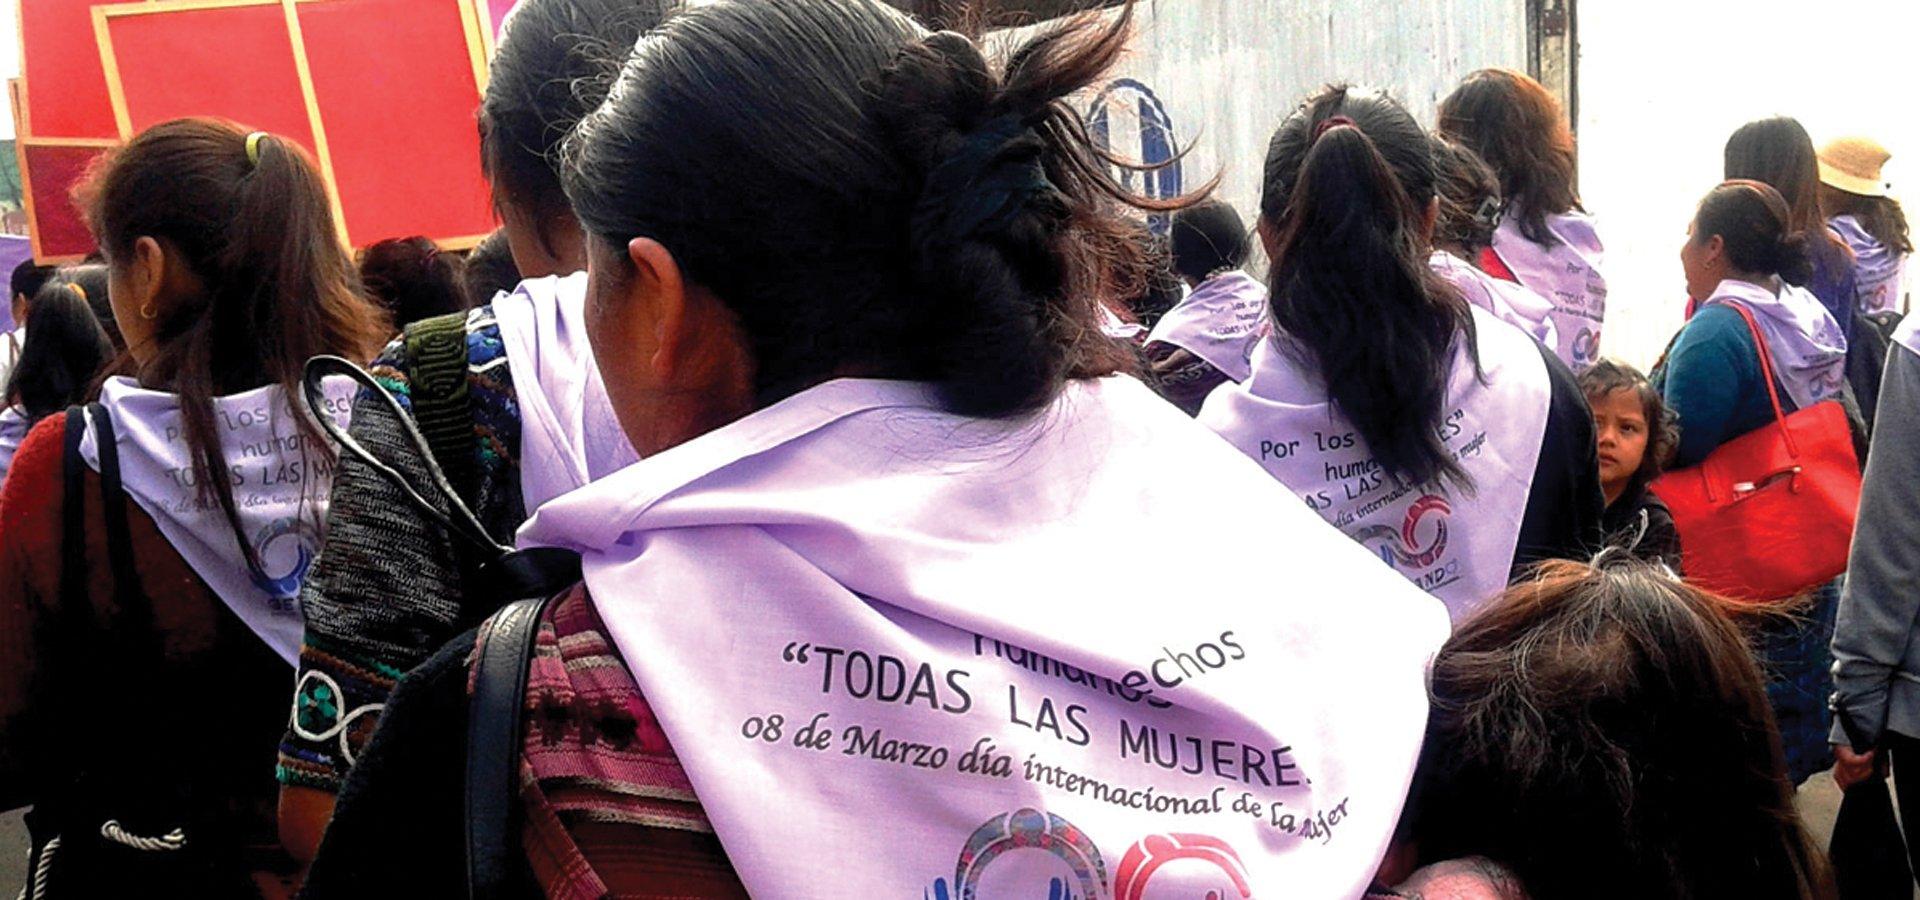 sito di incontri guatemalteco